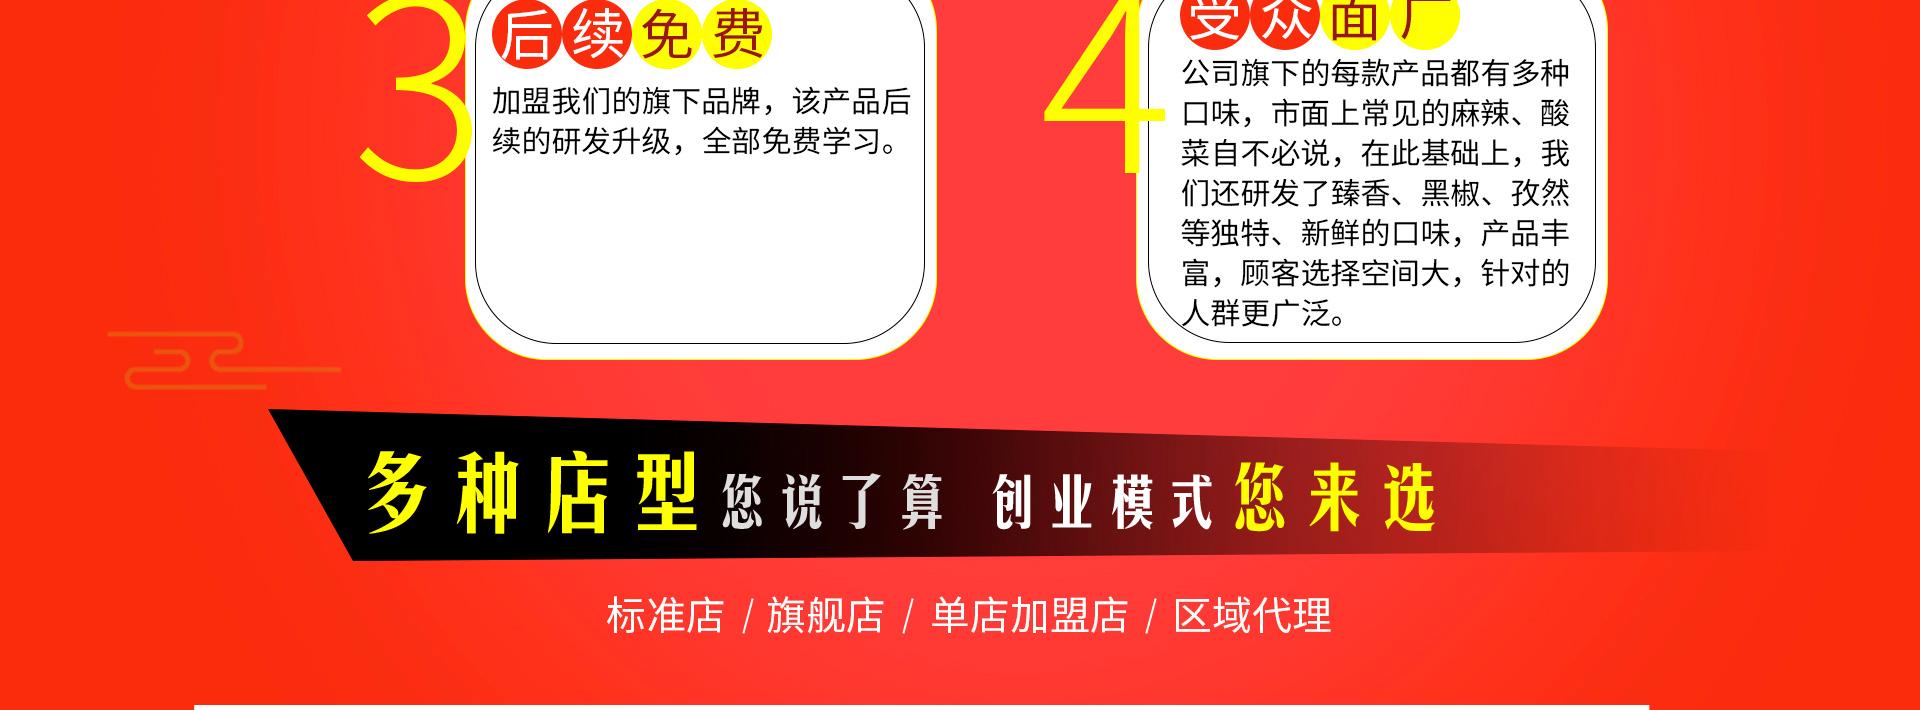 陶炉鸡快餐PC_08